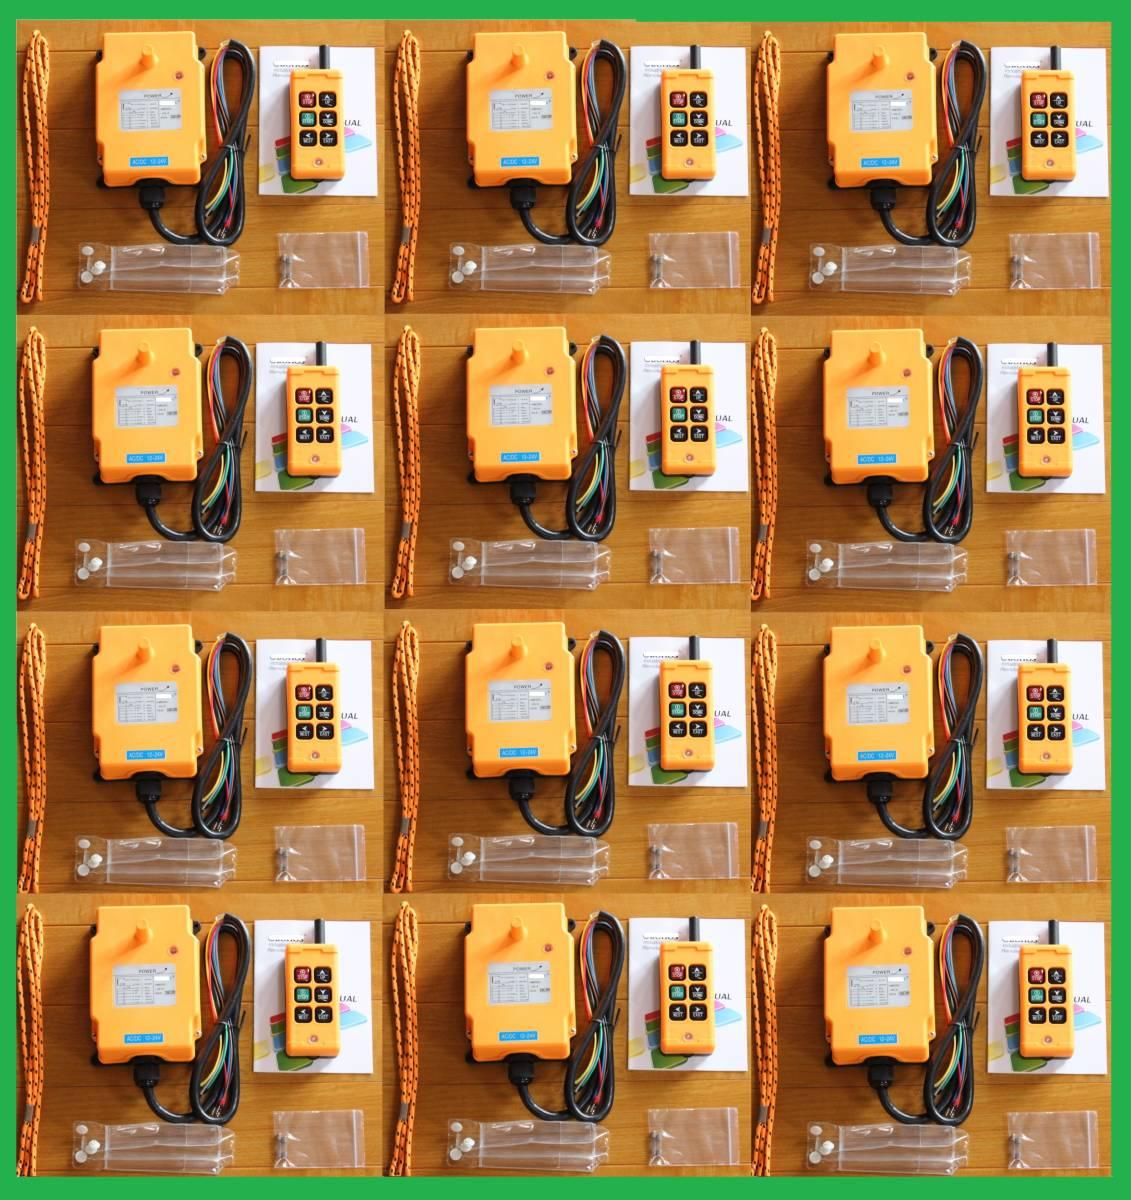 ★12個セット卸売り価格★防水DC24V 4chリモコン ラジコン レッカー ユニック 積載車 花見台 タダノ マエダ 写真付き日本語取扱★_画像1